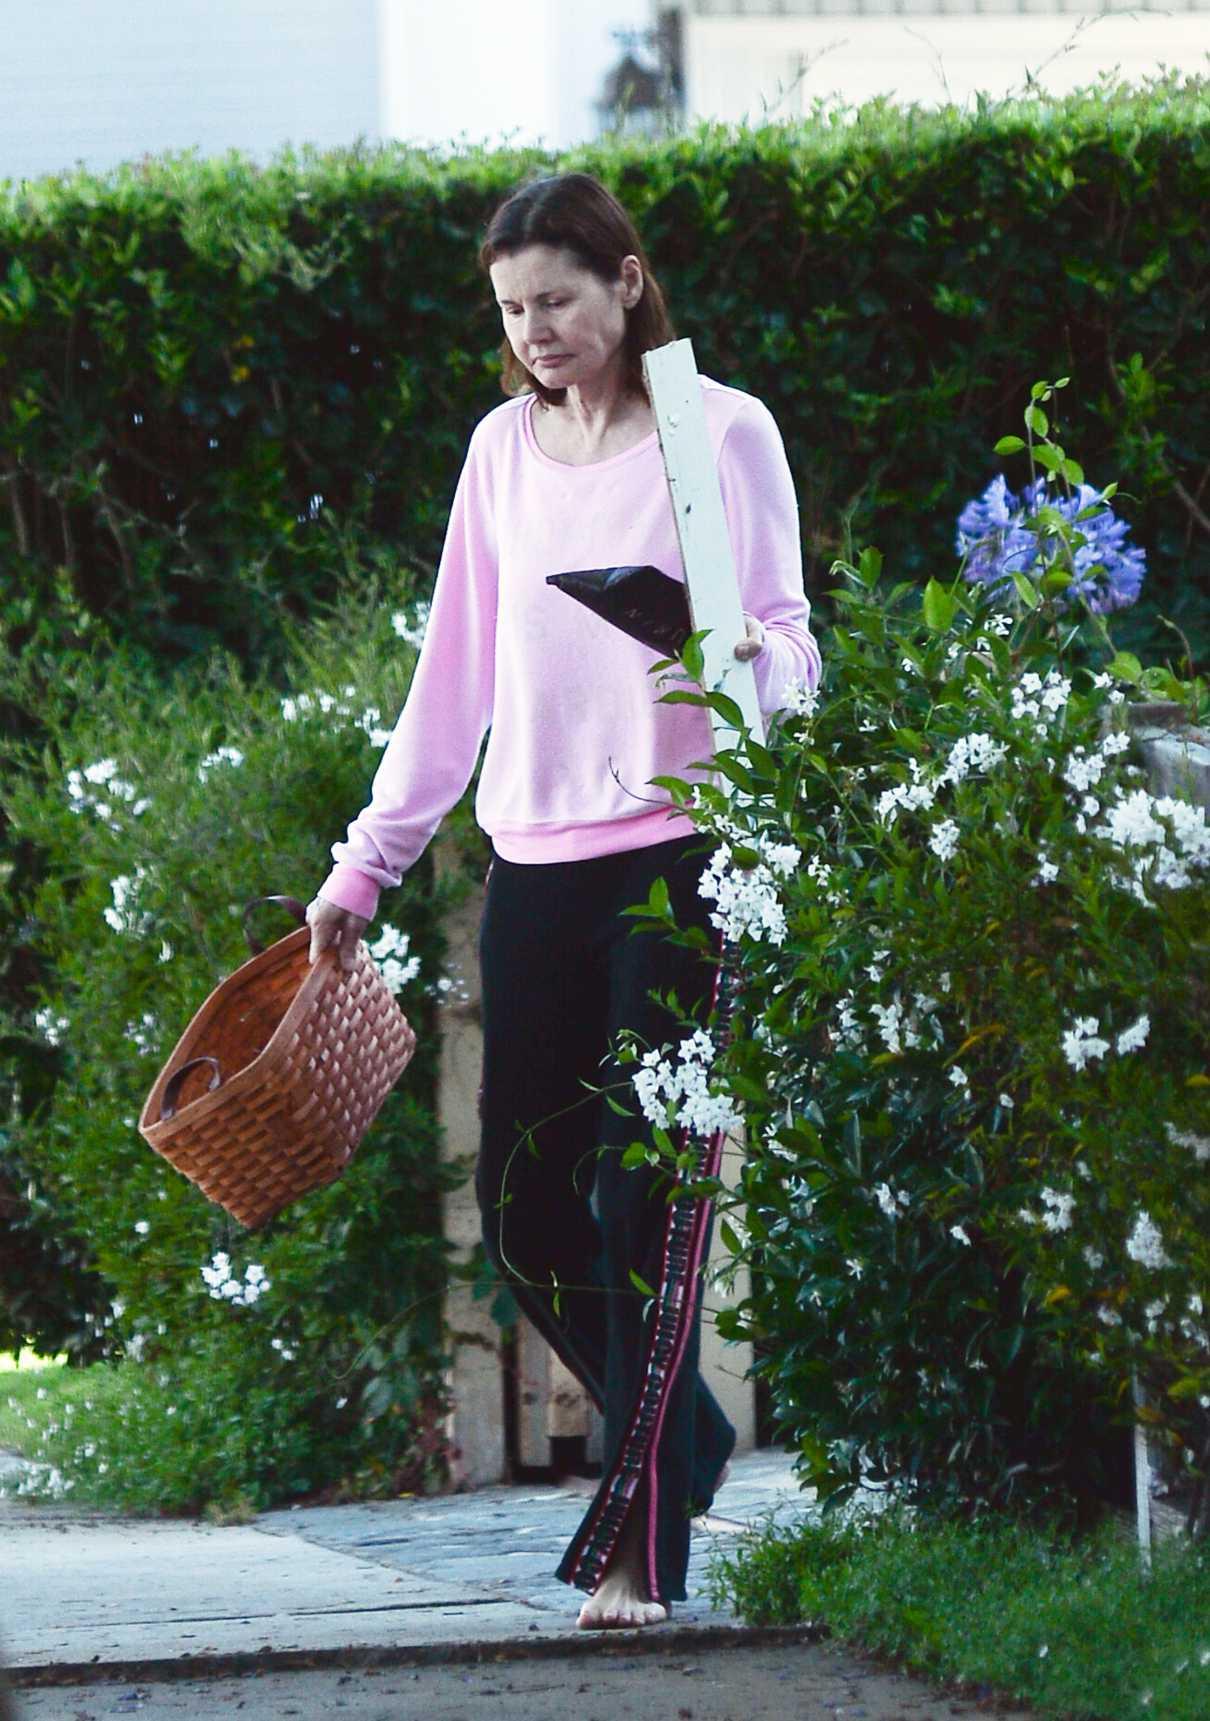 Geena Davis in a Pink Sweatshirt